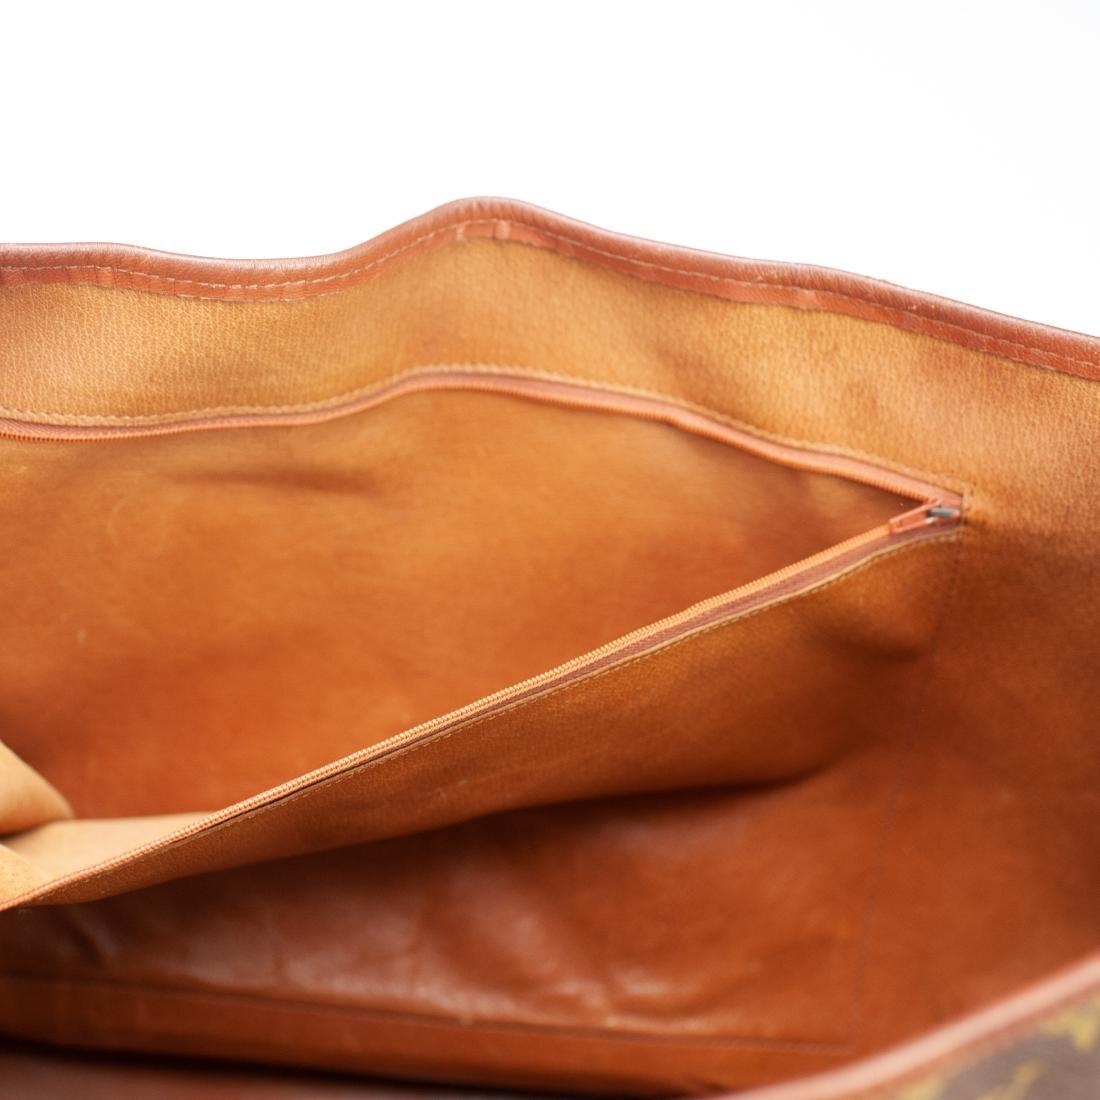 Louis Vuitton Babylone Tote Bag - 6